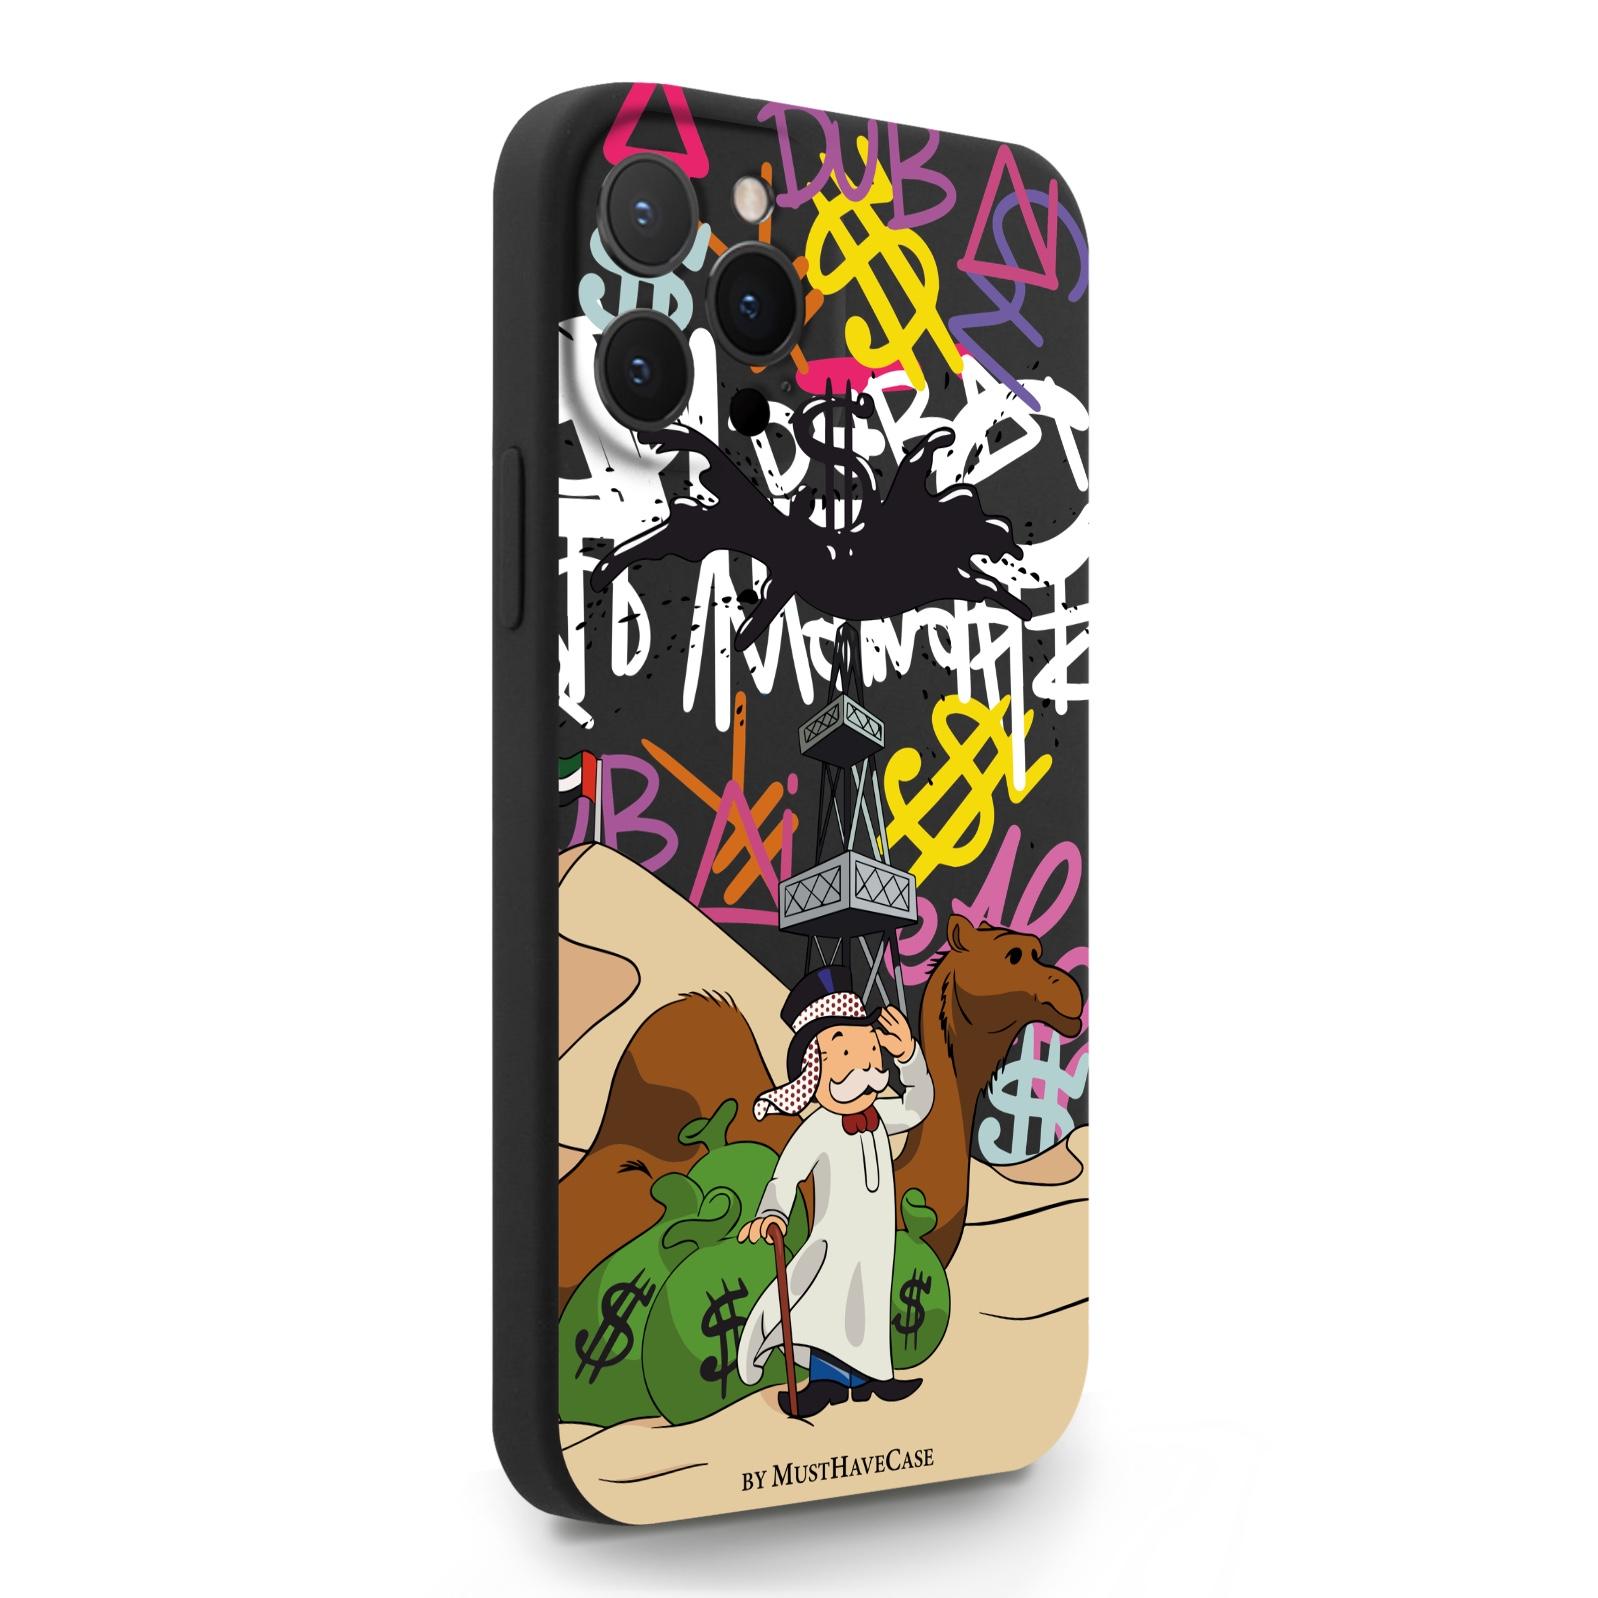 Черный силиконовый чехол для iPhone 12 Pro Max Monopoly Dubai/ Дубай для Айфон 12 Про Макс